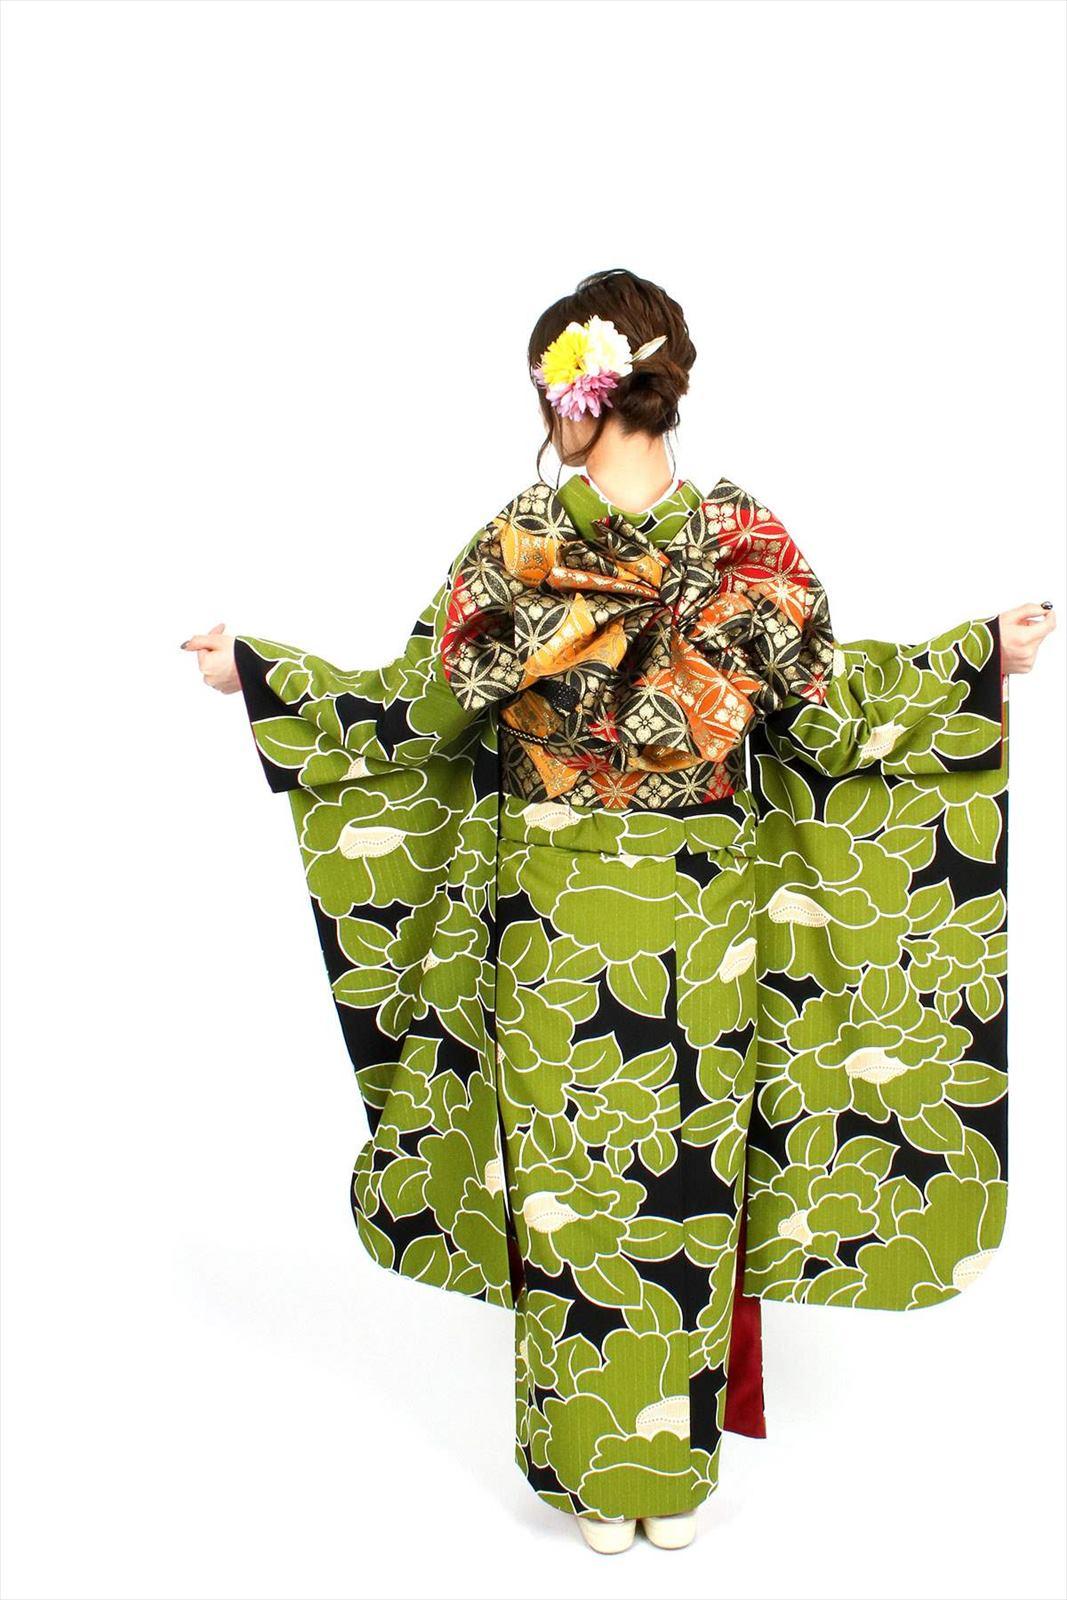 【成人式】 [安心の長期間レンタル]【対応身長155cm〜170cm】【合繊】レンタル振袖フルセット-942|レトロ|花柄|クール系|モダン|緑系|黒